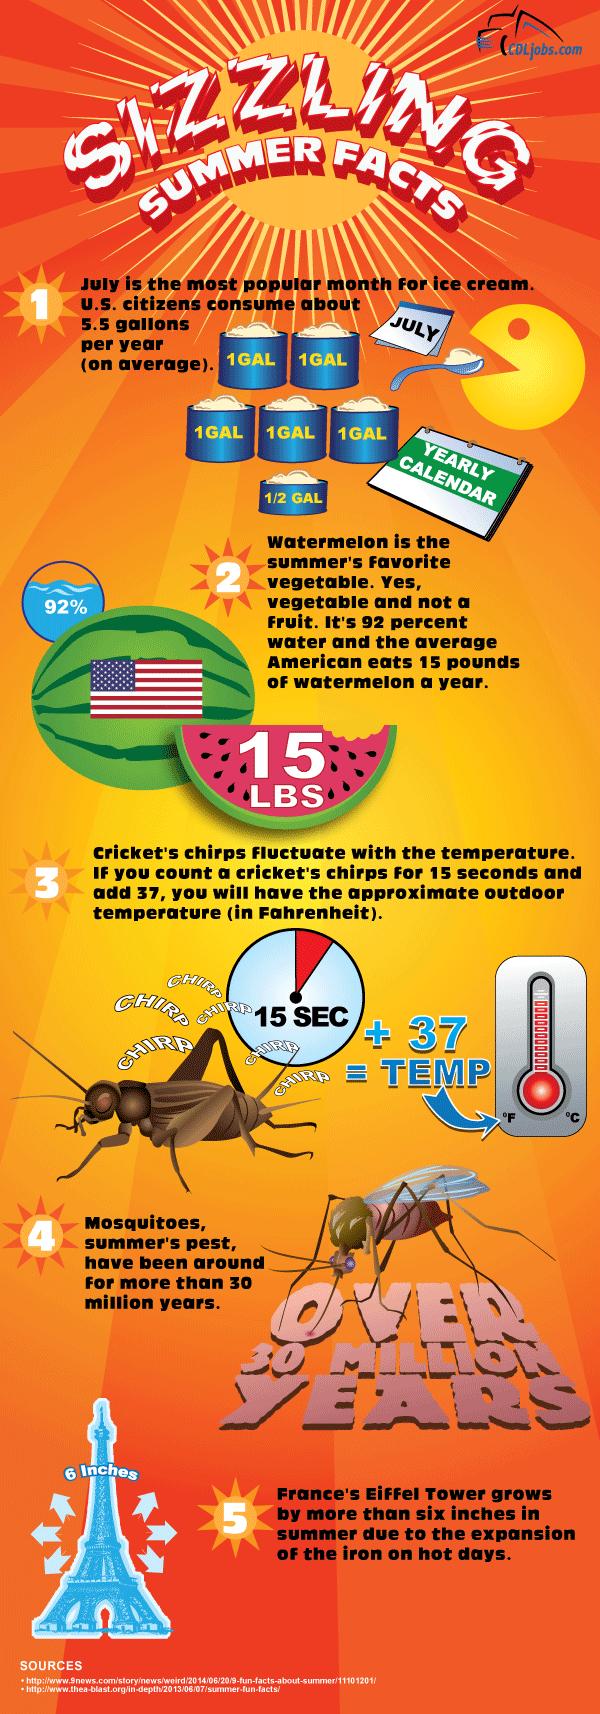 Summer Fun Facts | CDLjobs.com